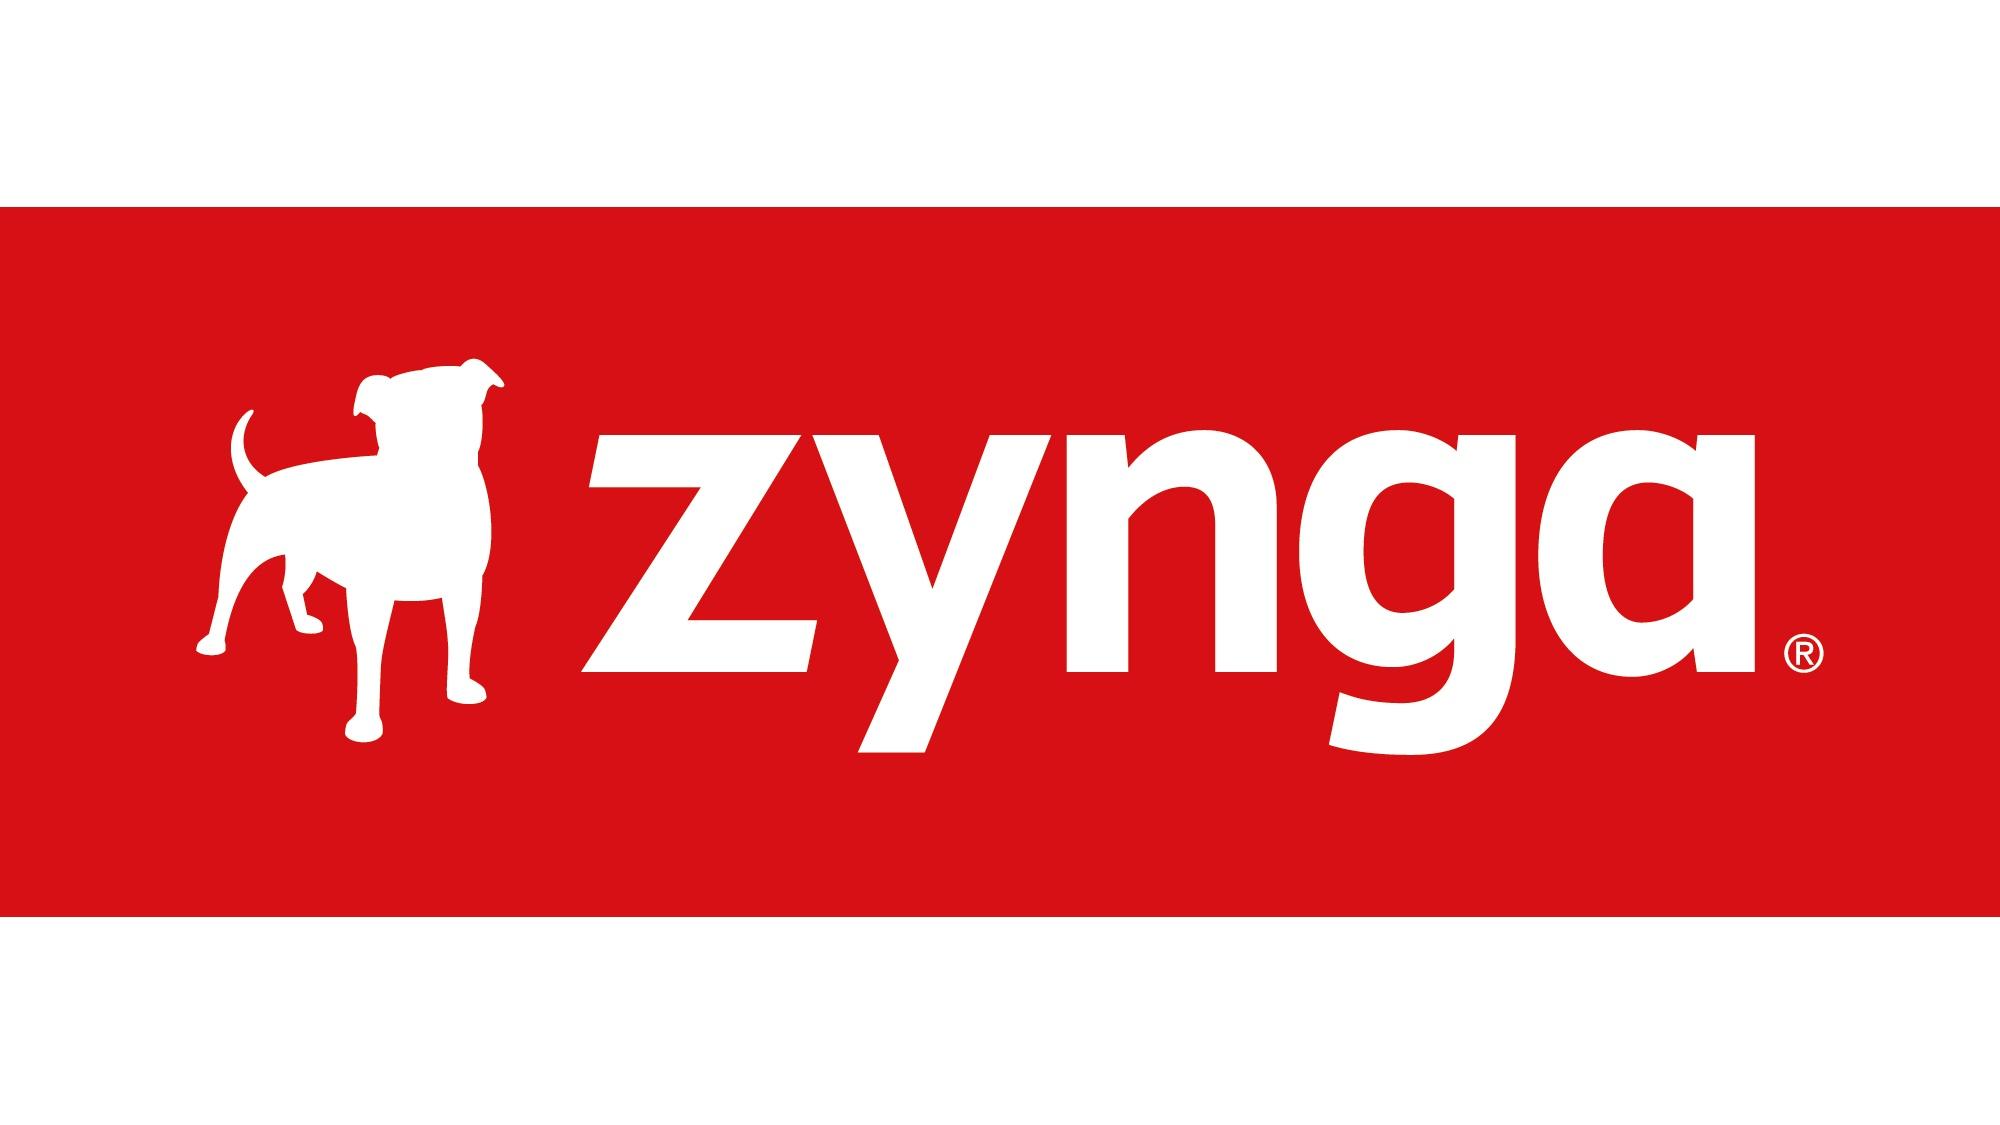 Zynga Logo 16:9 hires PNG